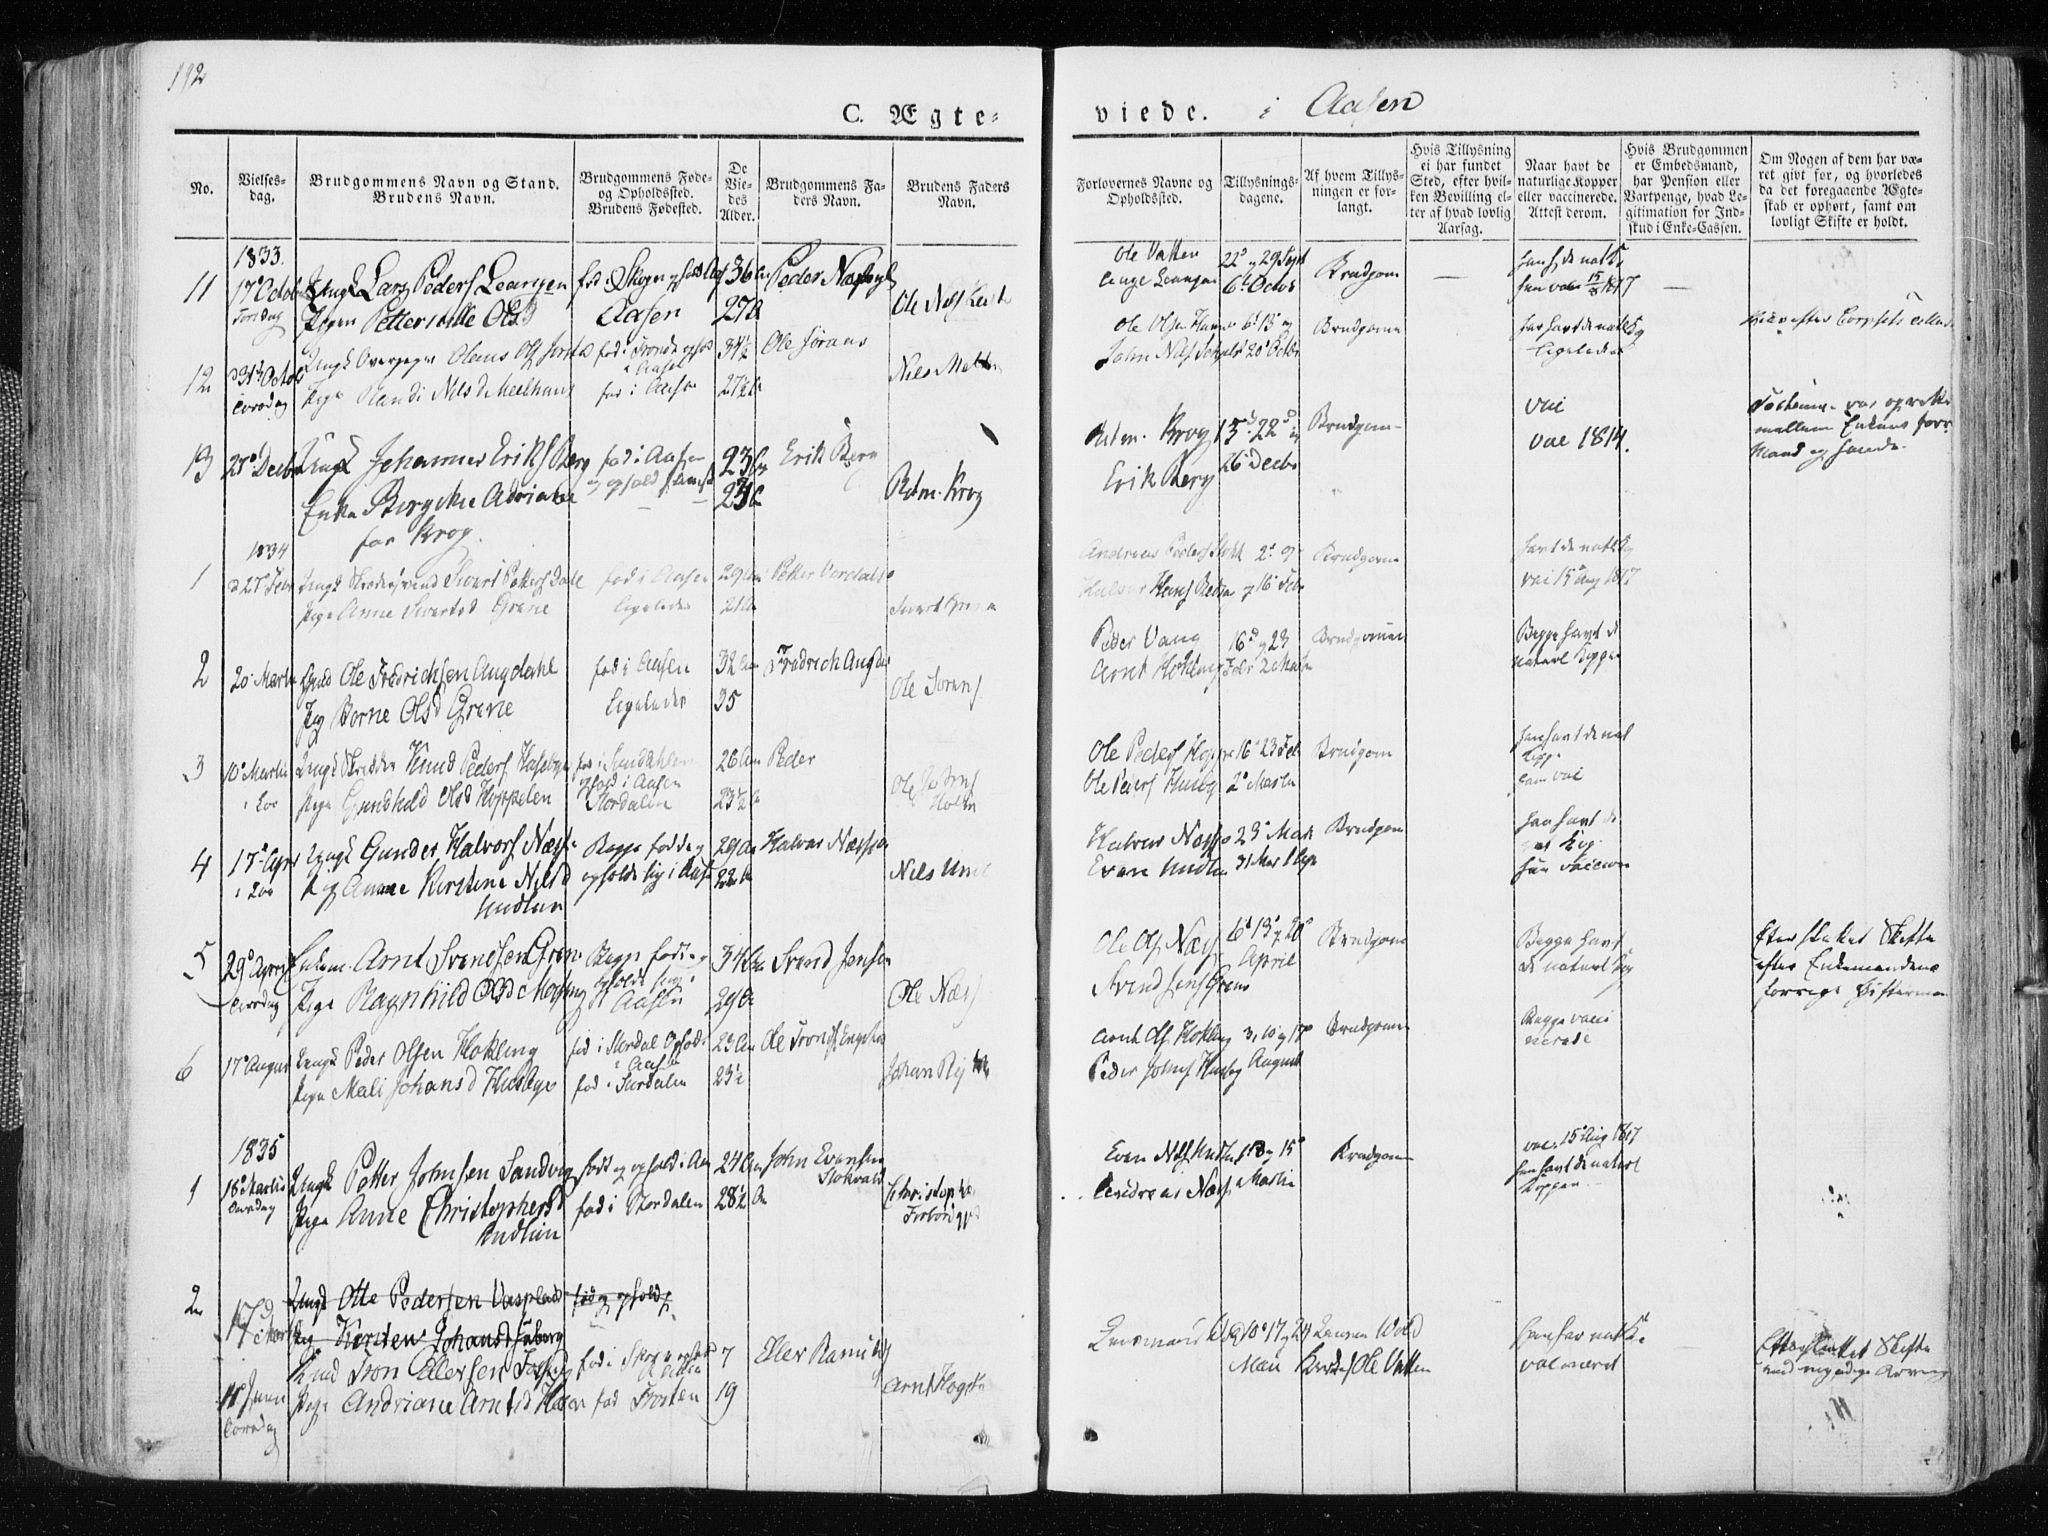 SAT, Ministerialprotokoller, klokkerbøker og fødselsregistre - Nord-Trøndelag, 713/L0114: Ministerialbok nr. 713A05, 1827-1839, s. 192